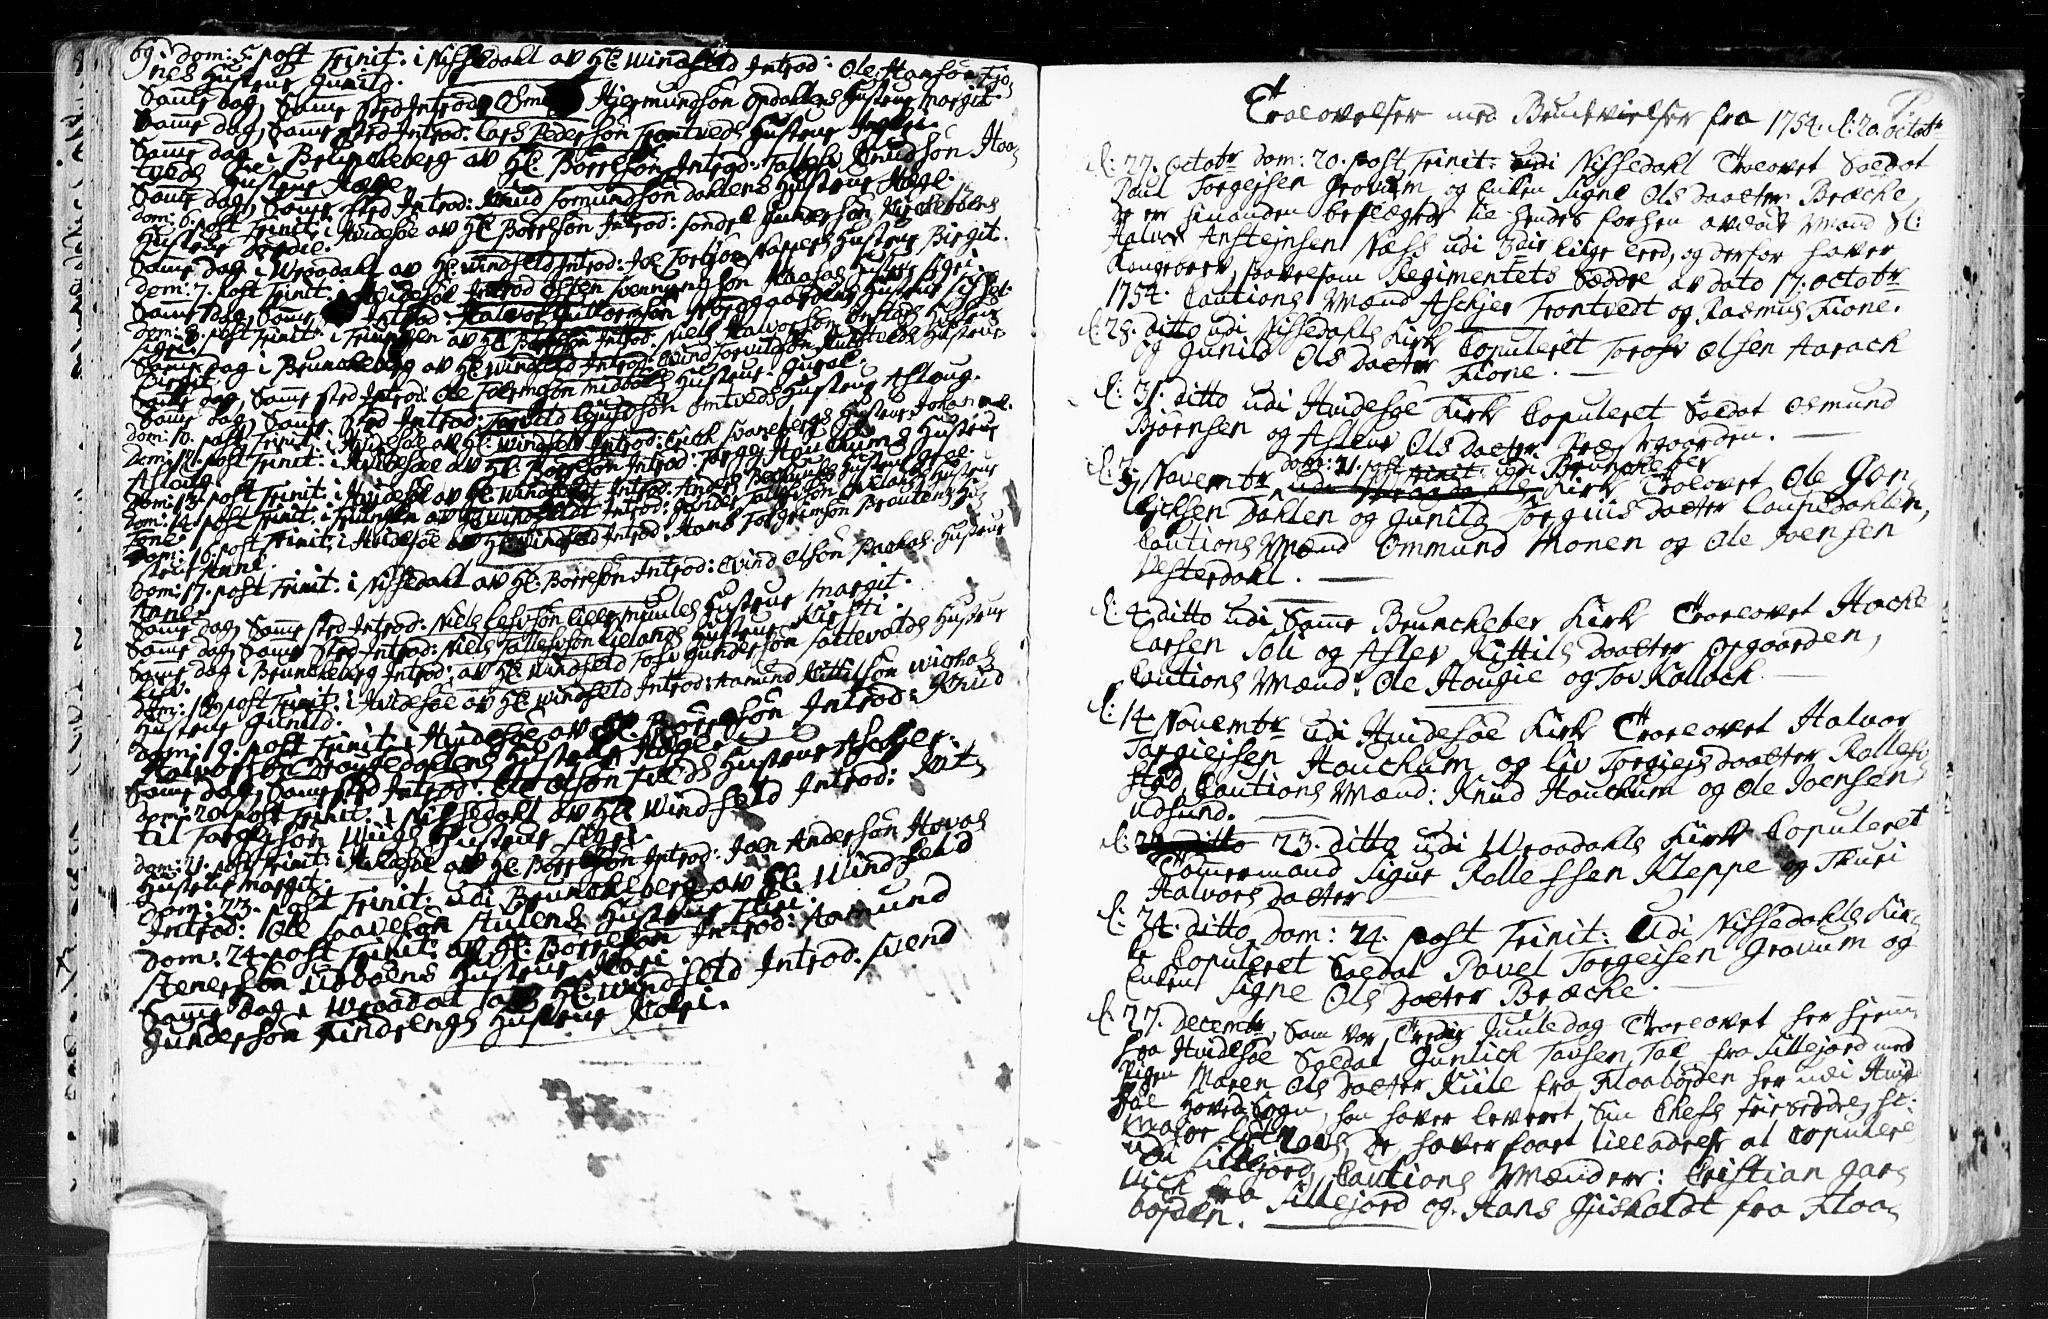 SAKO, Kviteseid kirkebøker, F/Fa/L0001: Ministerialbok nr. I 1, 1754-1773, s. 69-70